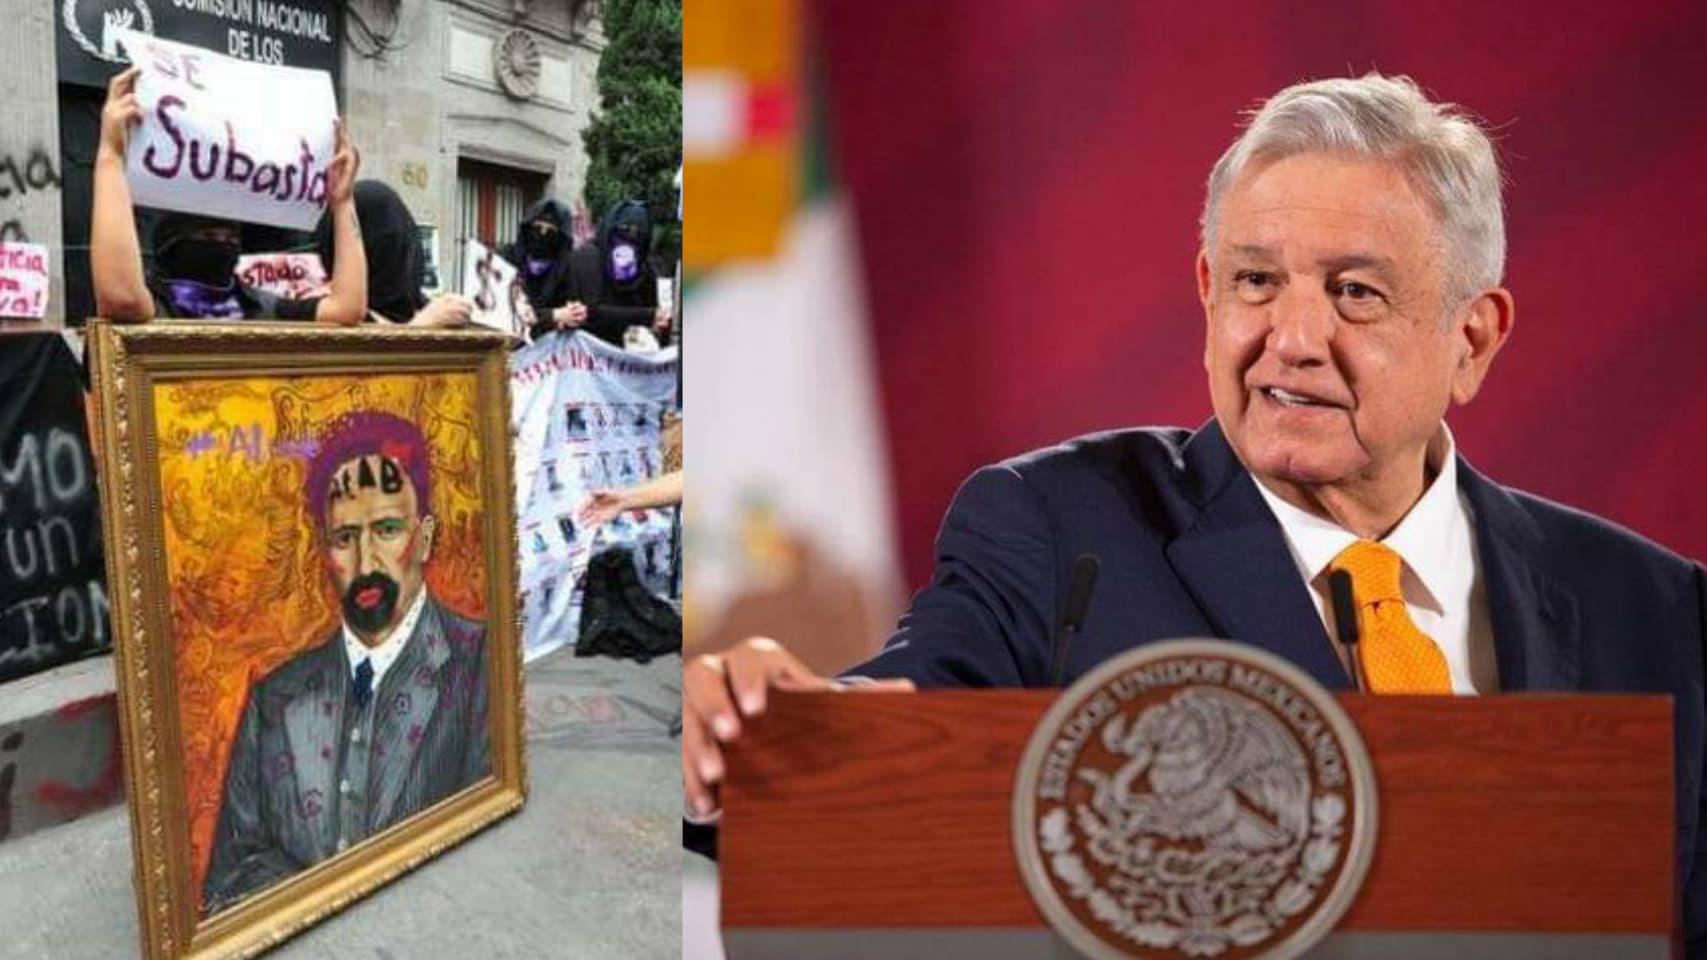 El Presidente Andrés Manuel dijo que esta de acuerde con las manifestaciones pero desaprueba la violencia